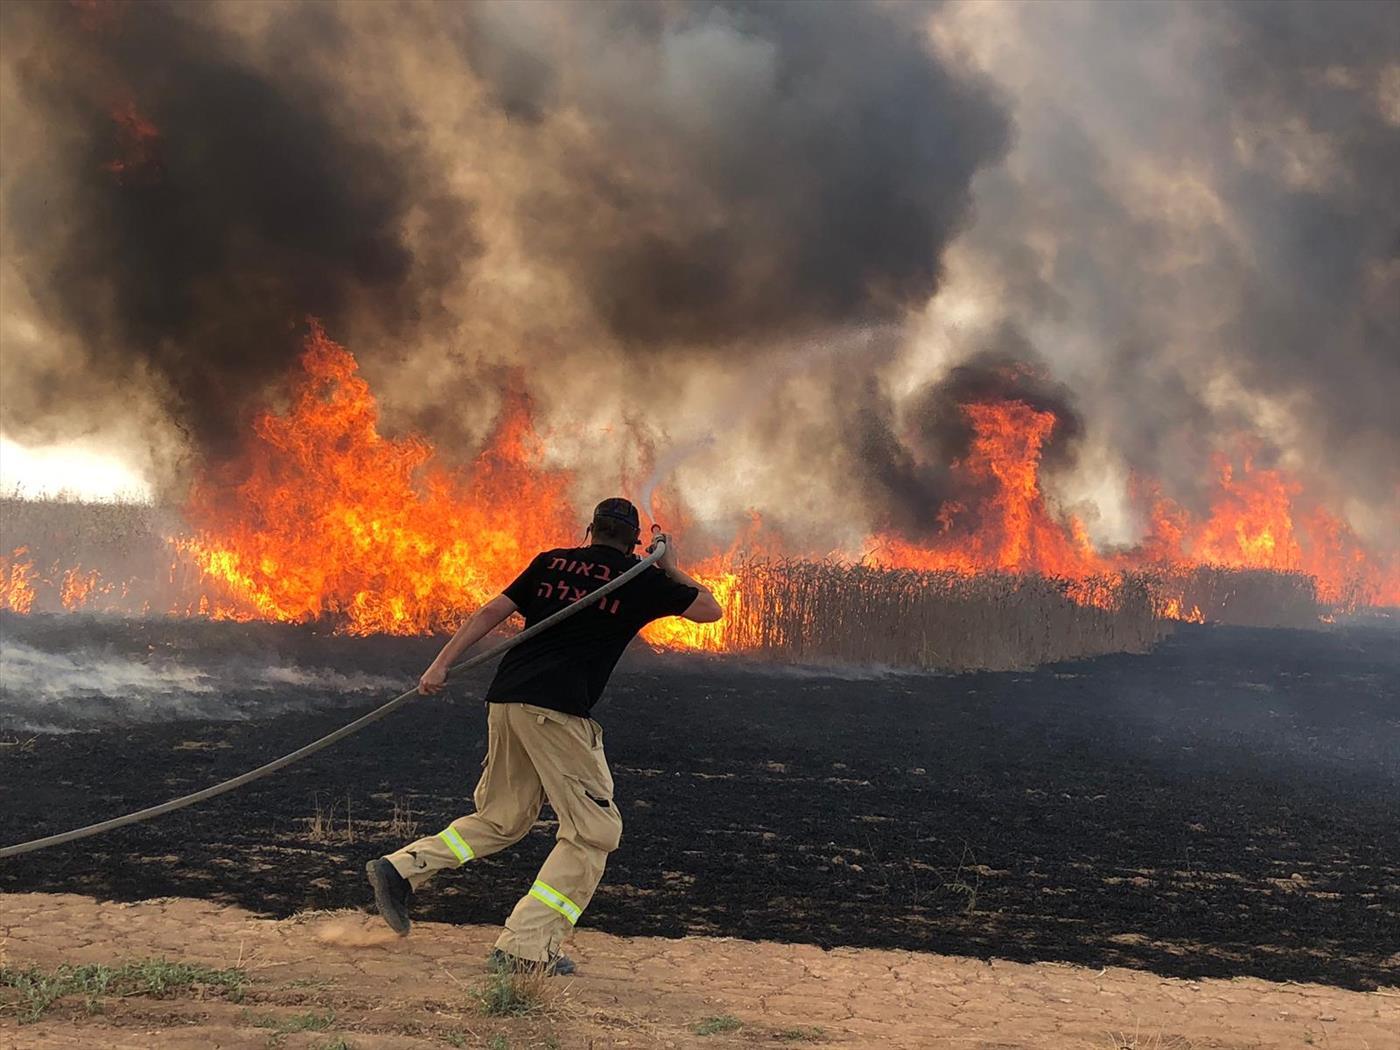 שריפה בנחל עוז היום (אושרי צימר חדשות 24/7 בפייסבוק)